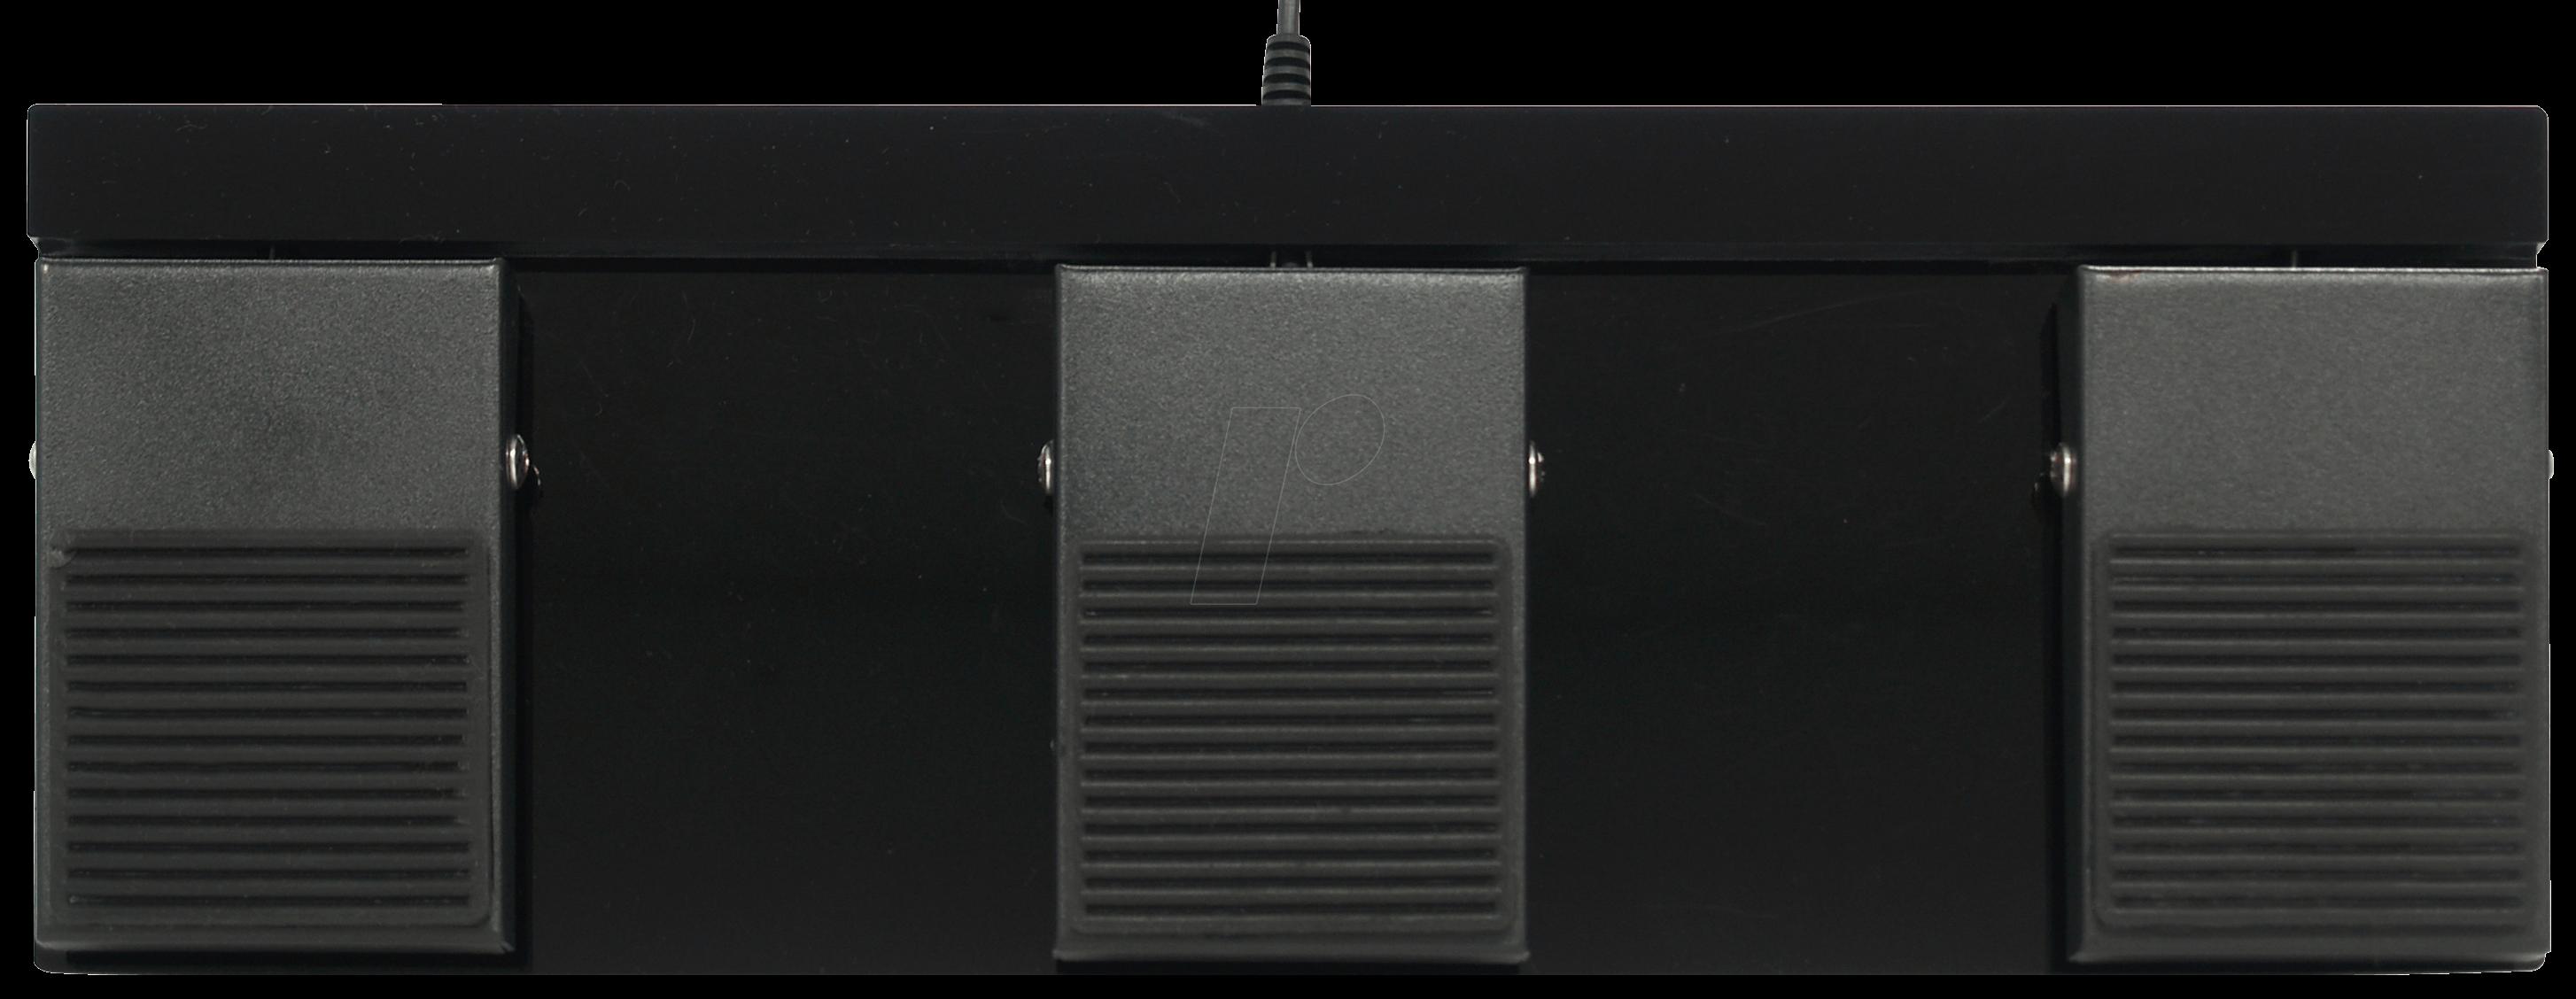 https://cdn-reichelt.de/bilder/web/xxl_ws/E500/SCYTHE_USB-3FS-2_02.png